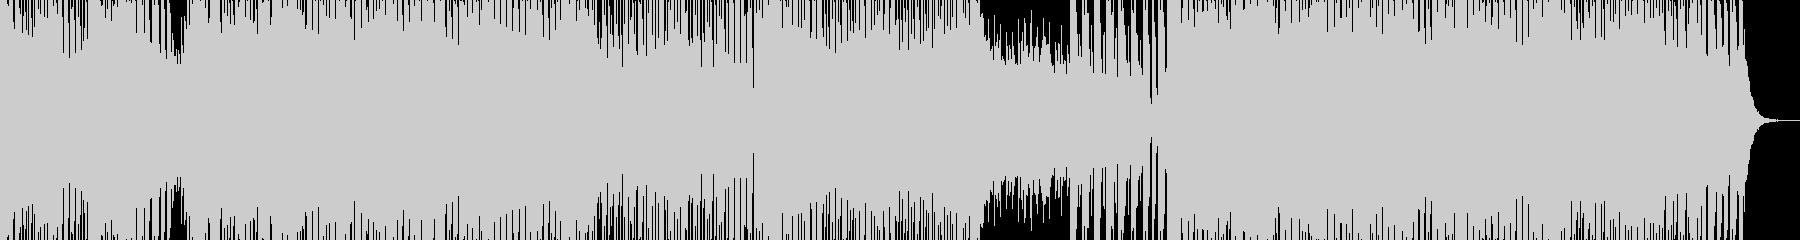 スタイリッシュでノリが良い和風曲の未再生の波形